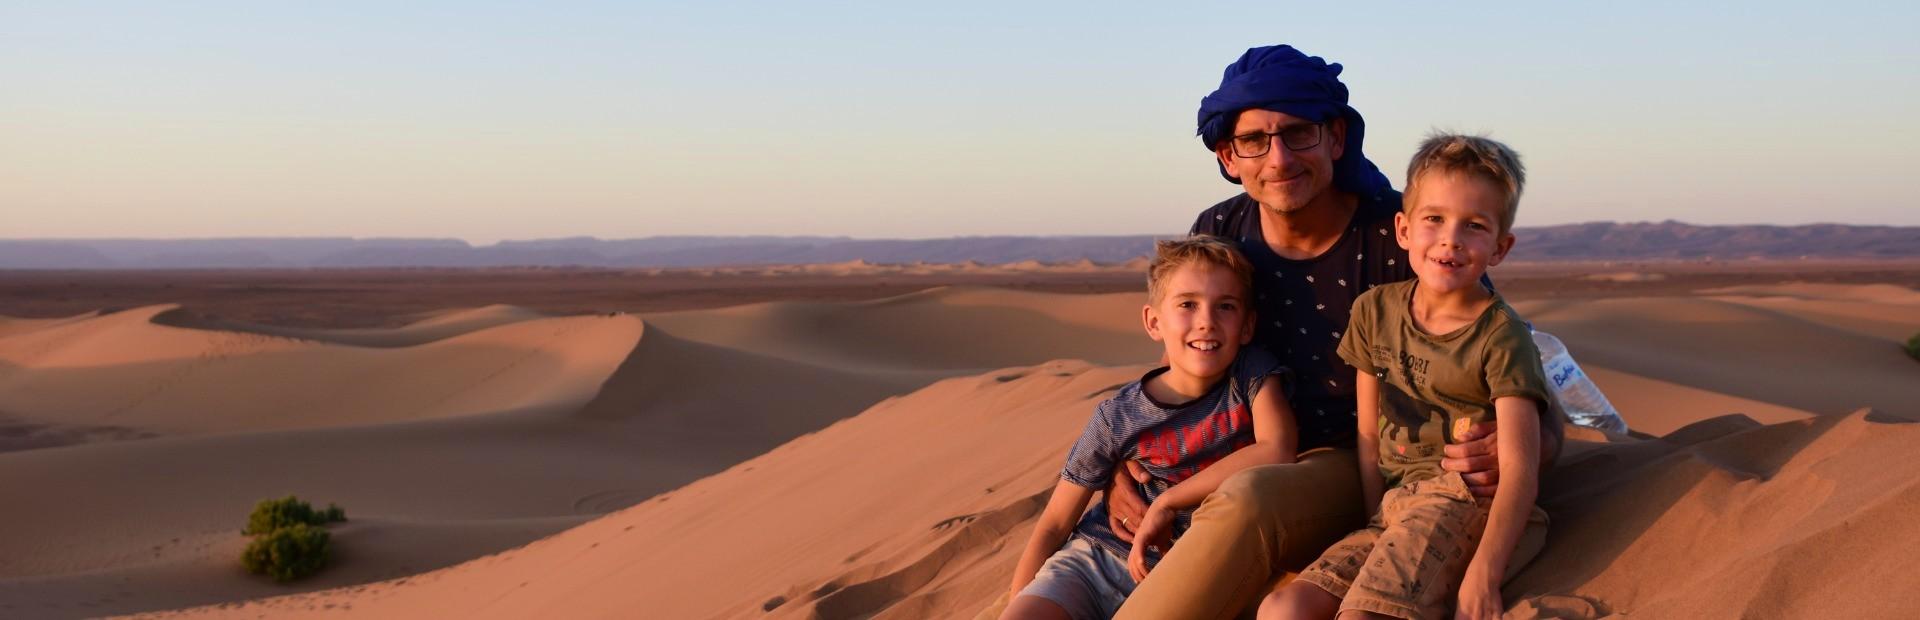 Informatie en ervaringen reizen met kinderen